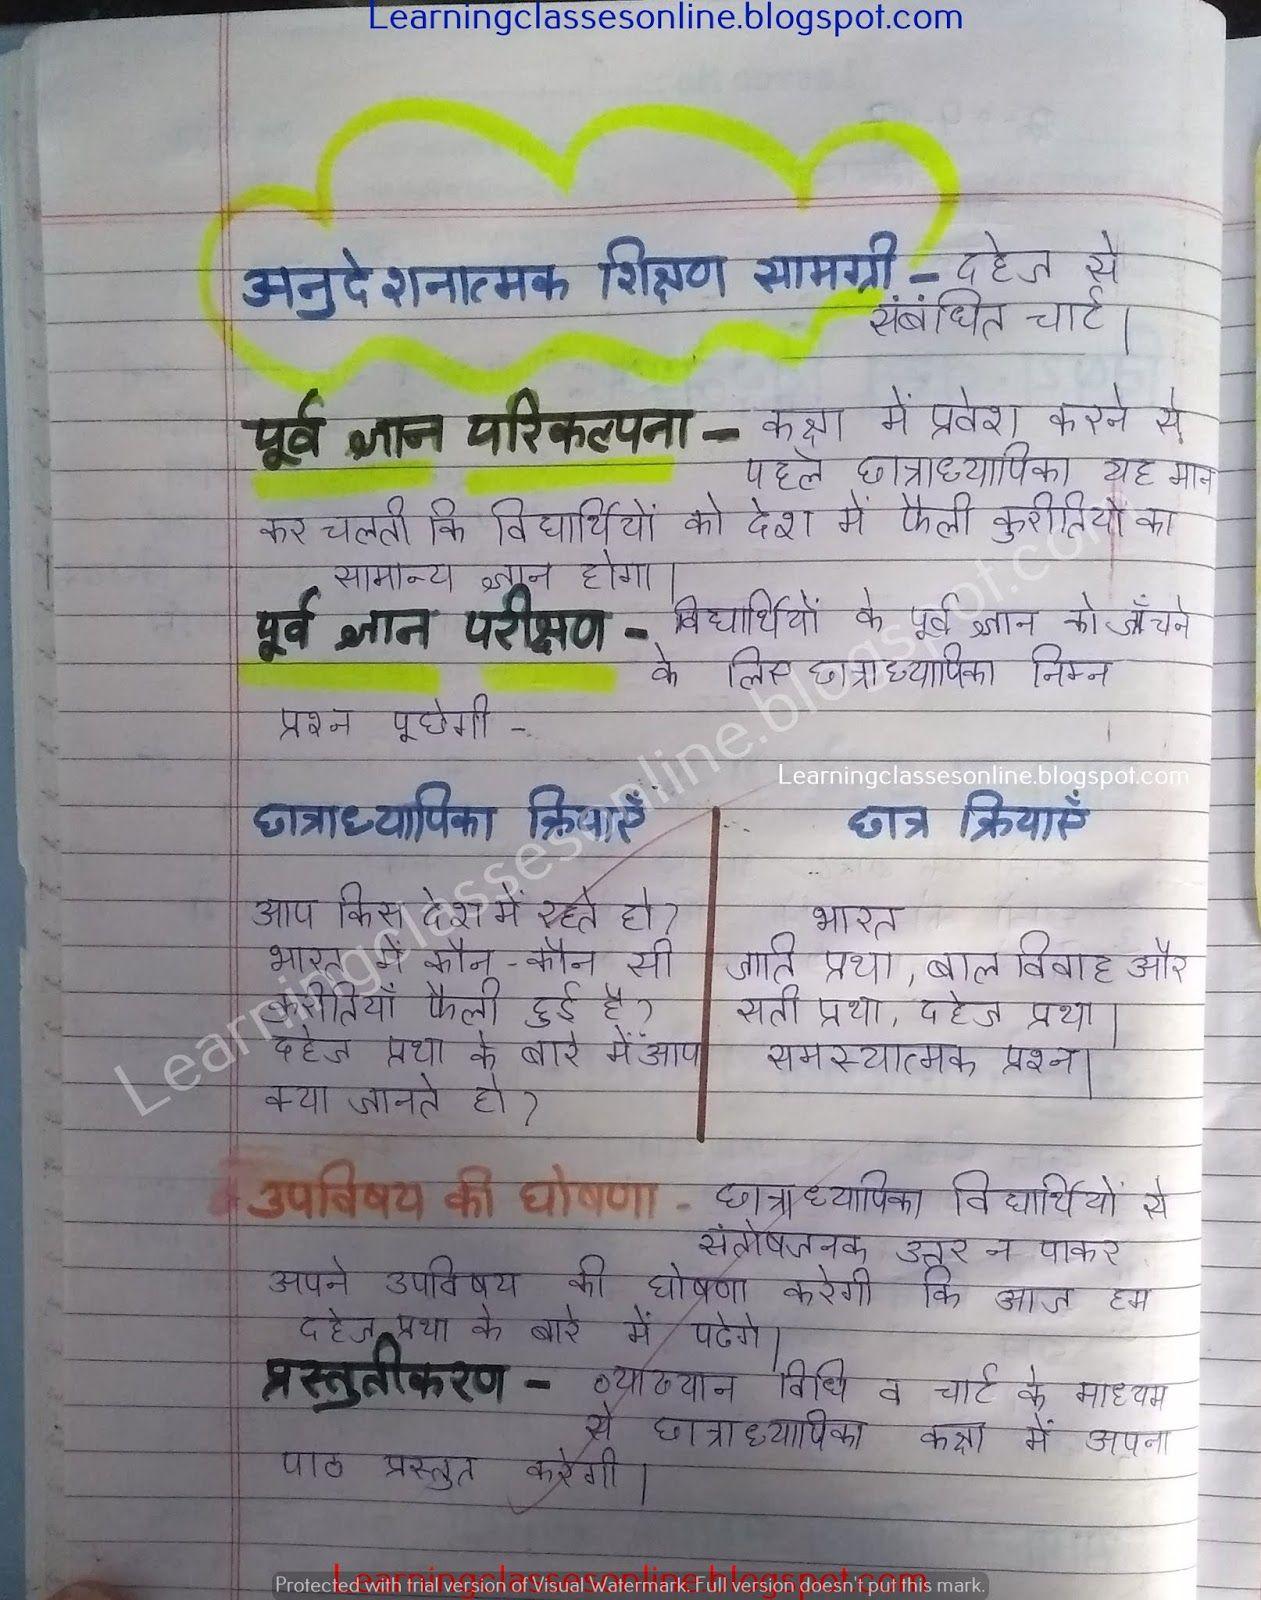 Class 8 Lesson Plan In Hindi On Dahej Pratha Free Dowload Lesson Plan In Hindi How To Plan Lesson [ 1600 x 1261 Pixel ]